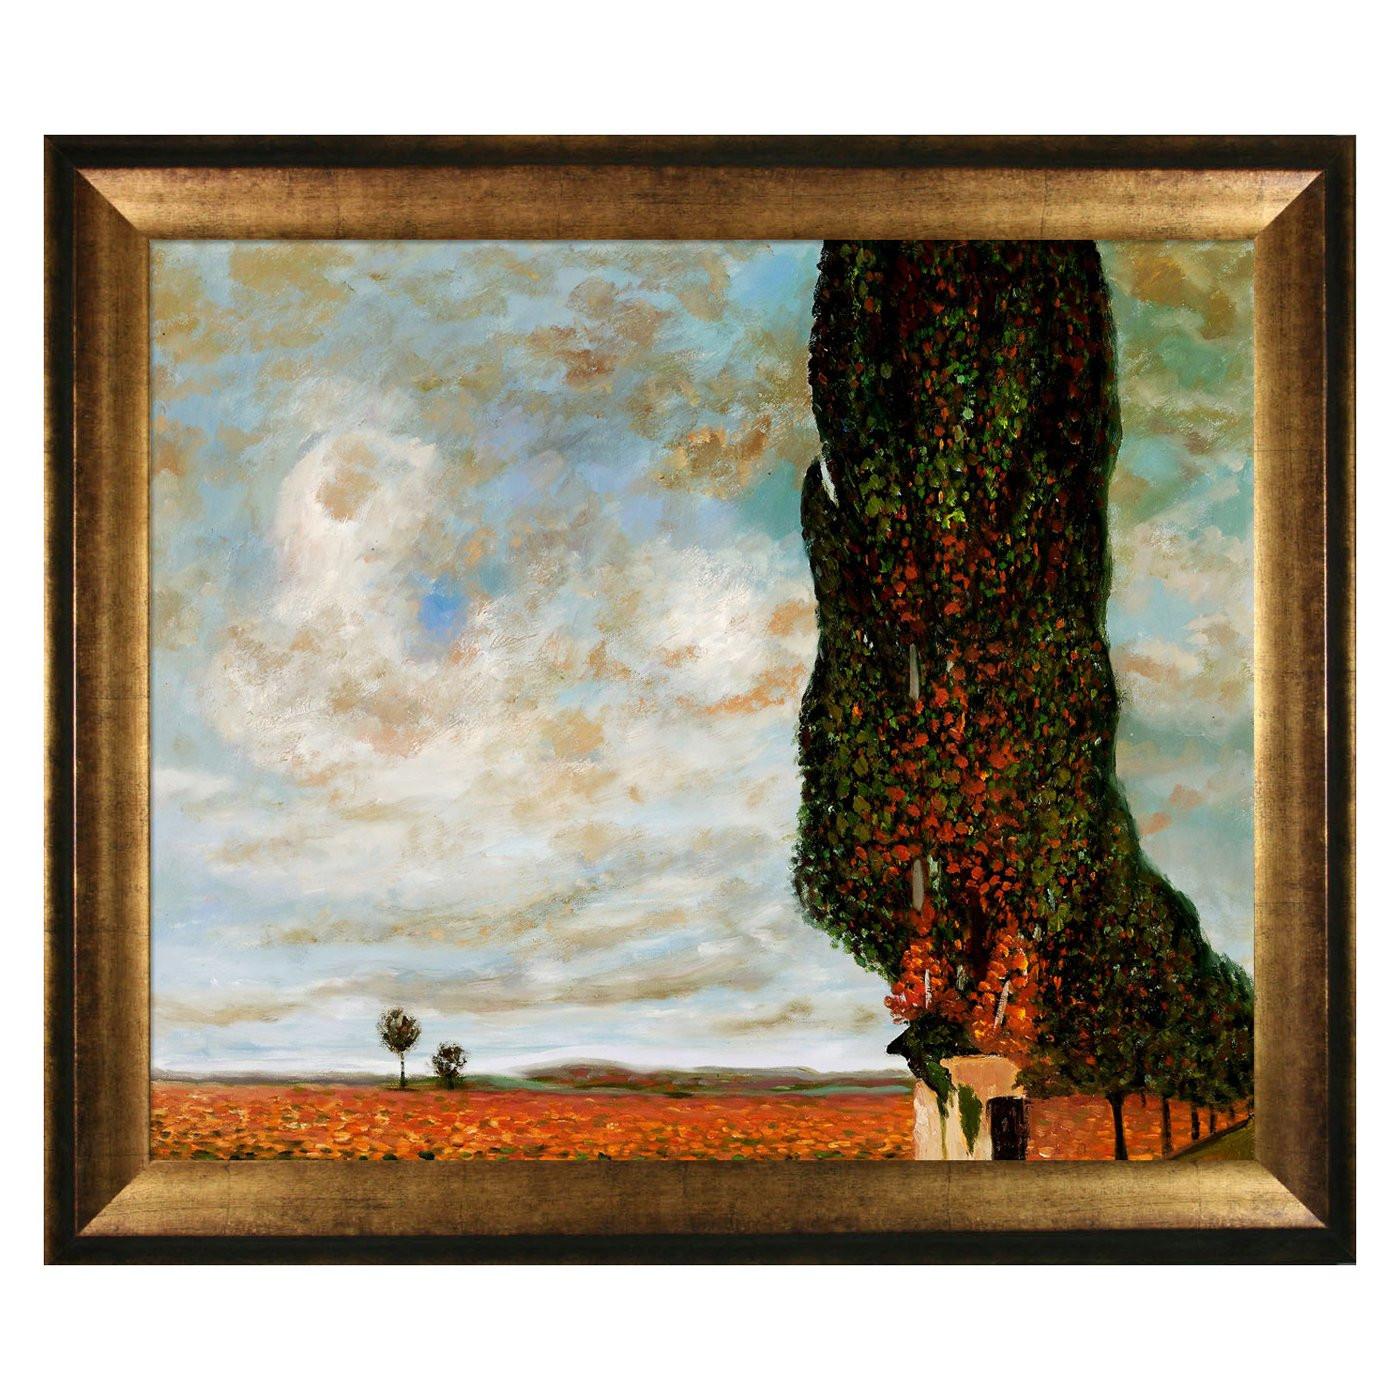 Best ideas about Overstock Wall Art . Save or Pin Overstock Art KL2221 FR X24 Gustav Klimt High Poplar Now.